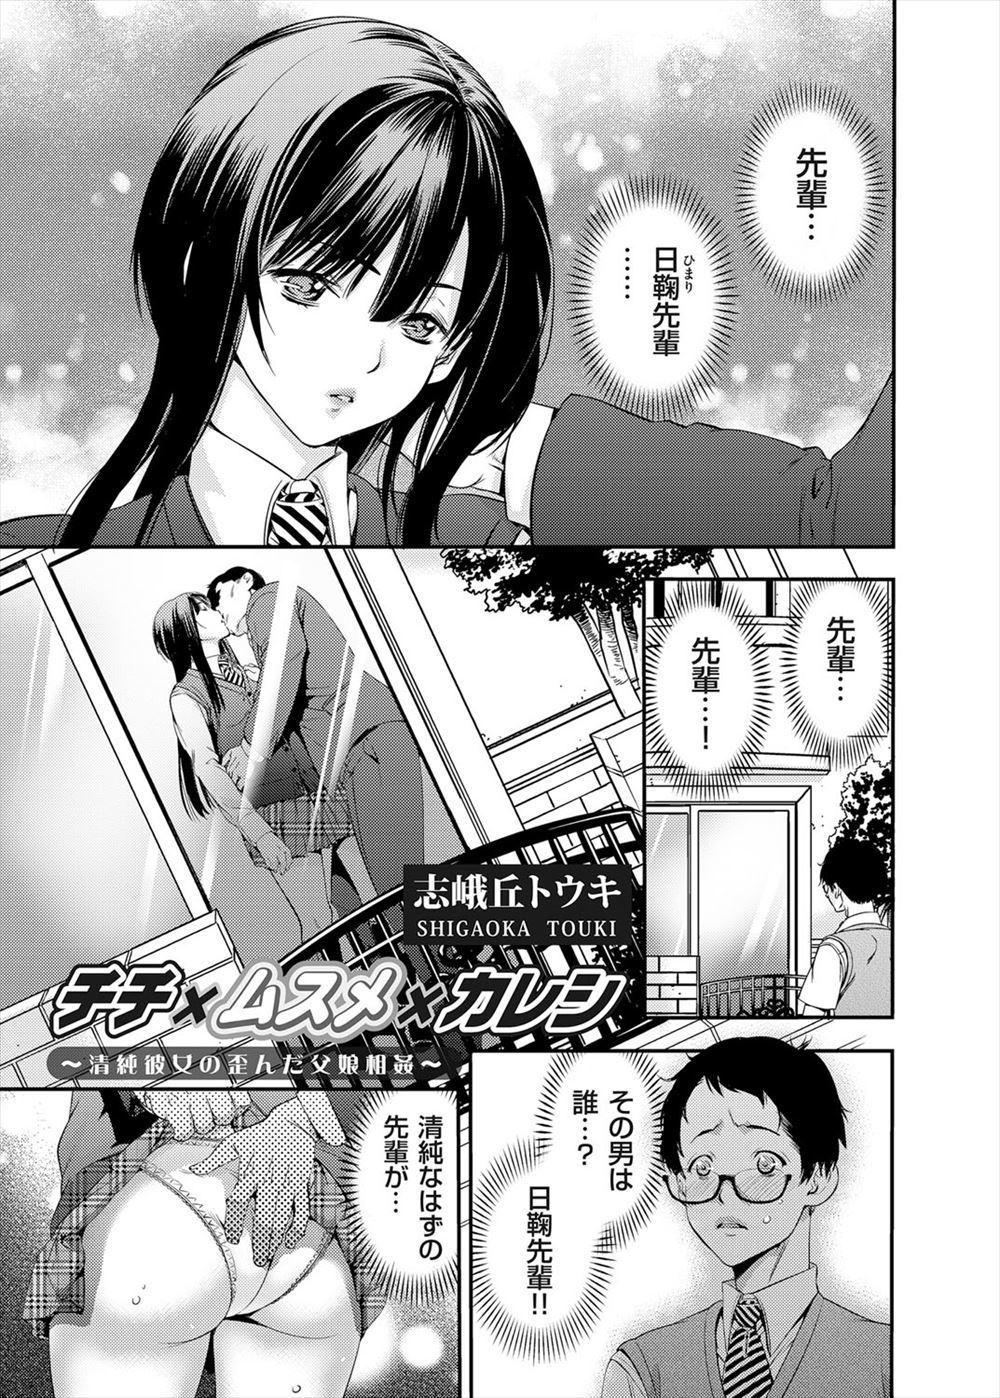 【エロ漫画・エロ同人】清純だと思っていた彼女は日常的に父親とセックスするビッチで、彼氏は夜這いして犯すwww